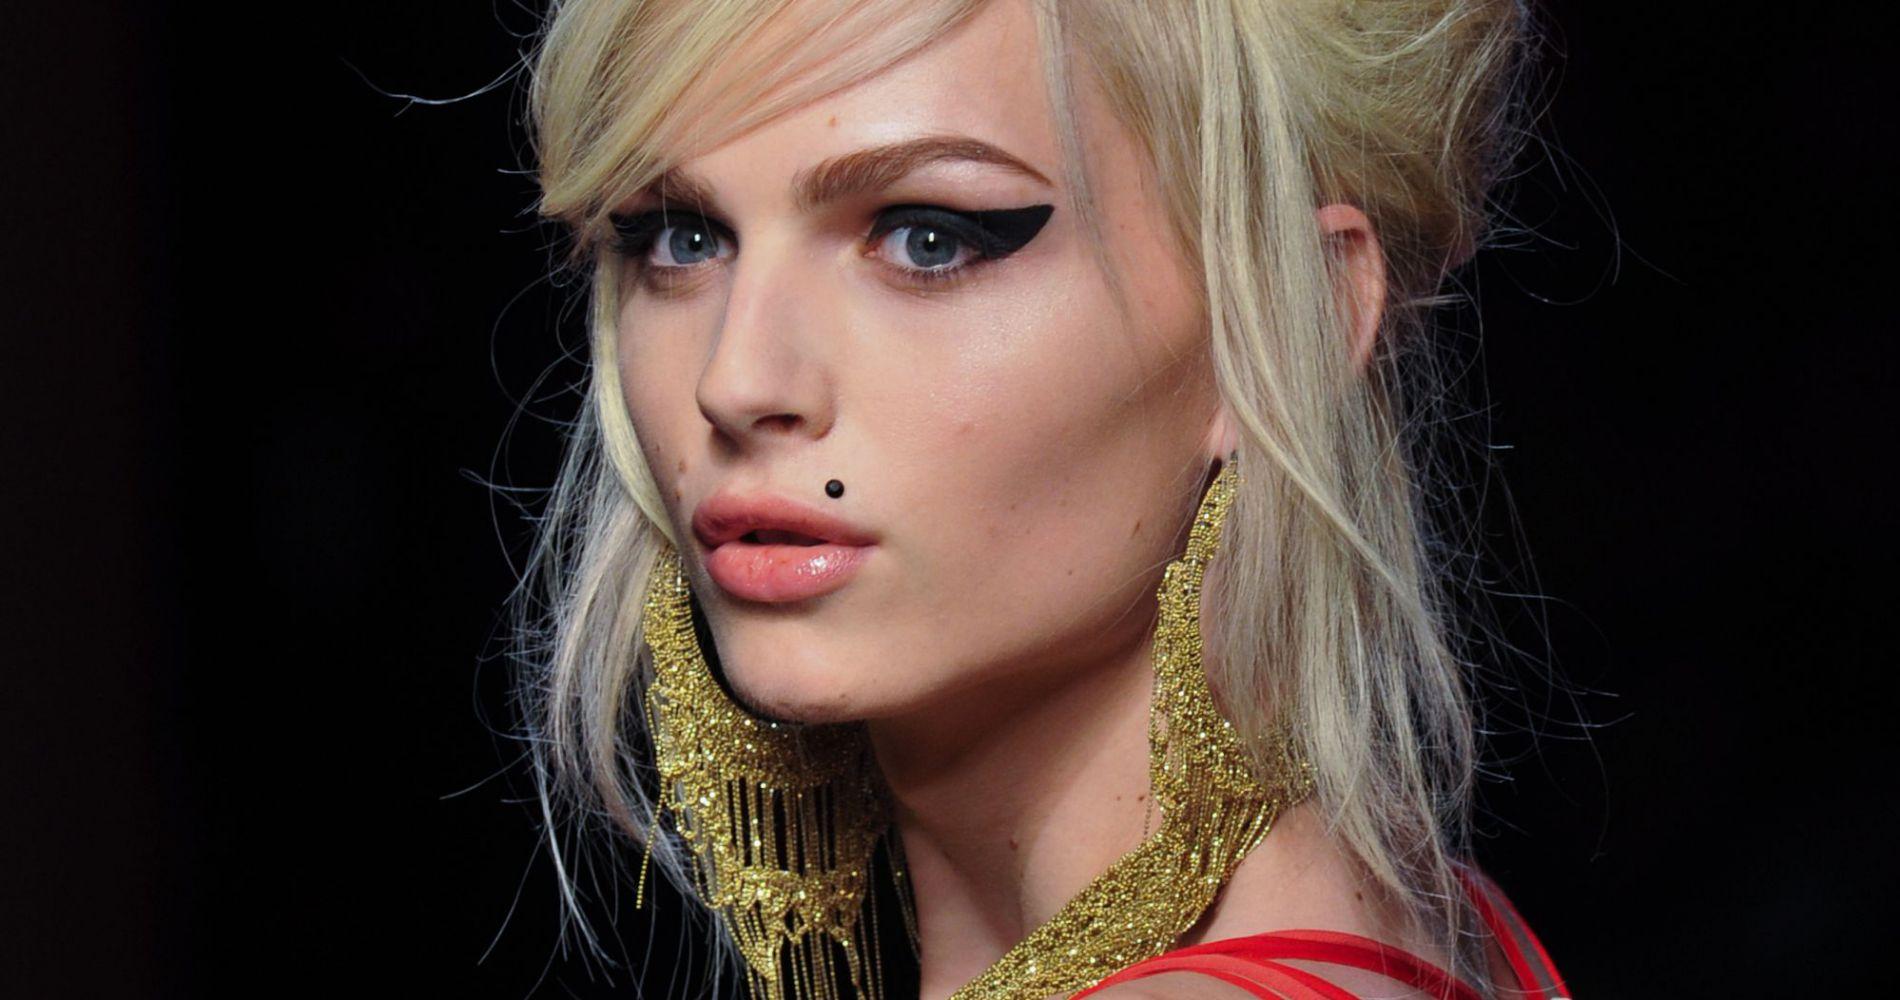 Le mannequin transexuel Andreja Pejic devient égérie de Make Up For Ever